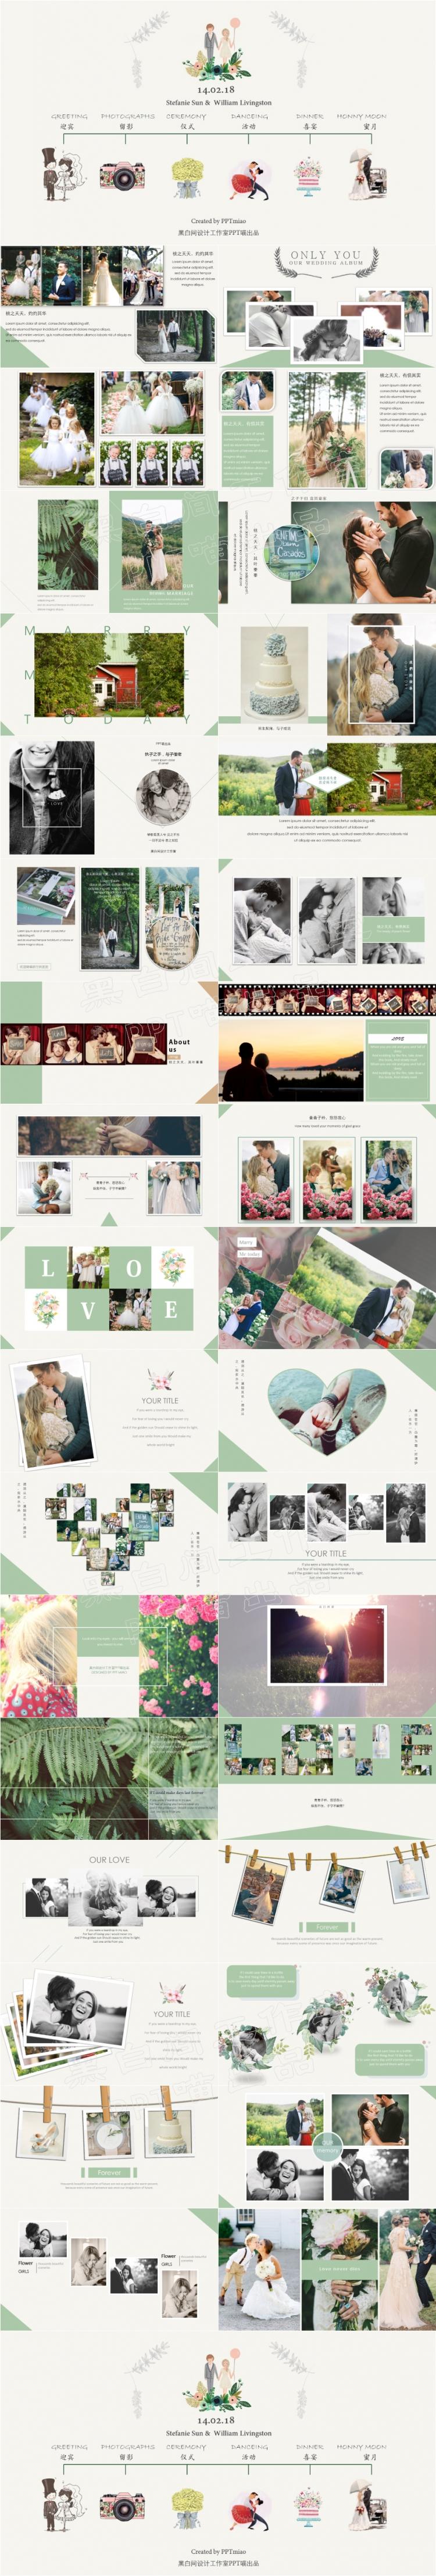 浪漫欧式唯美文艺婚礼婚庆电子相册结婚纪念订婚求婚